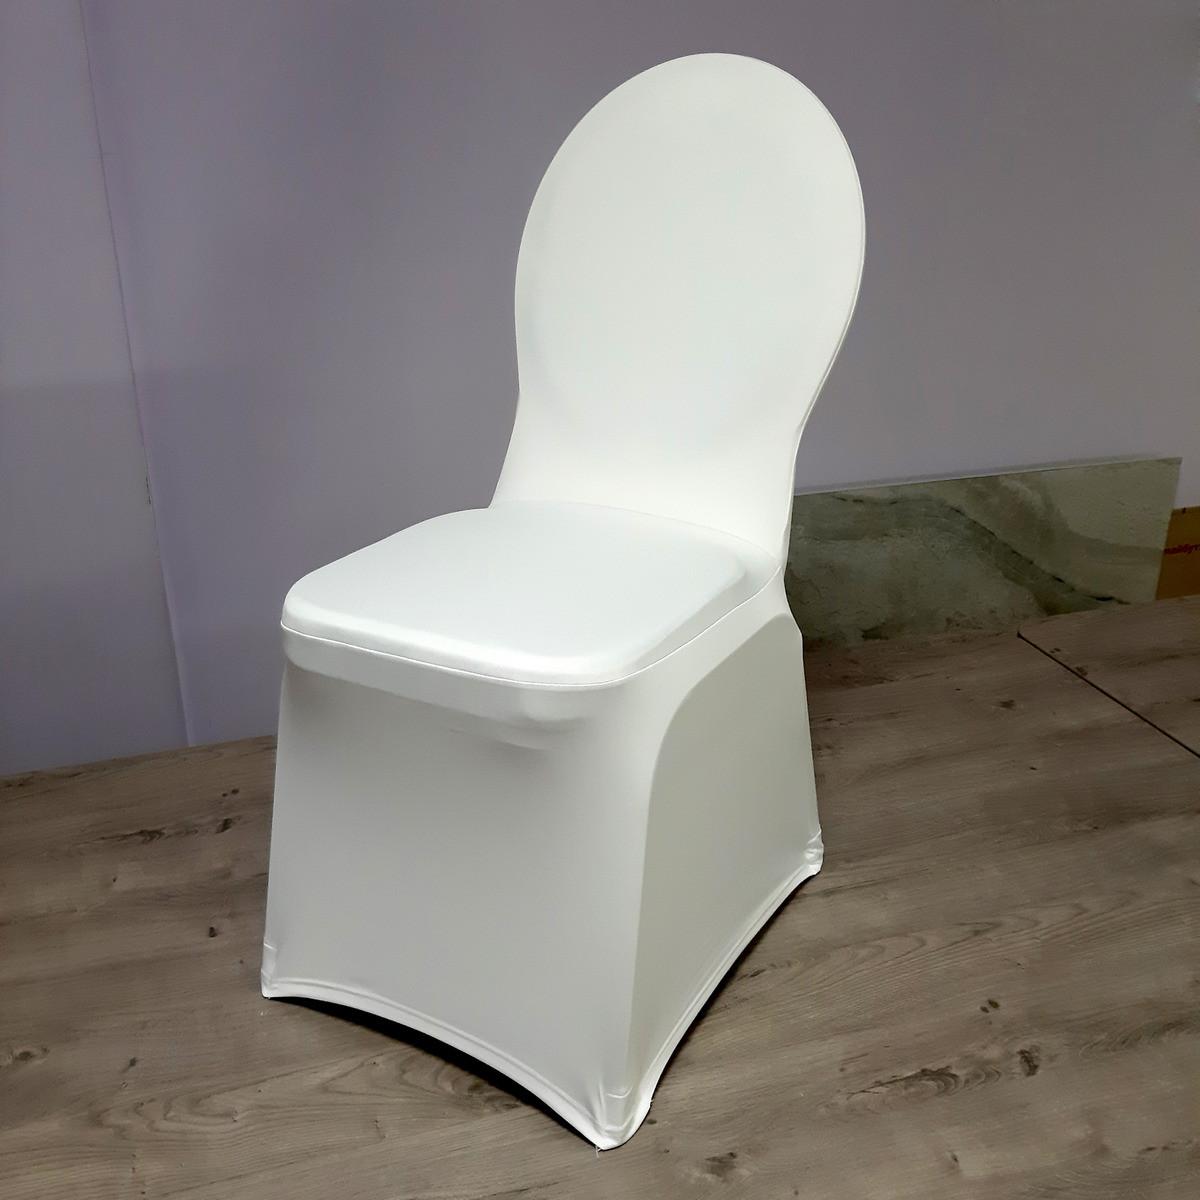 Стрейч Чохол на Круглий стілець з Цупкої тканини Спандекс Білий